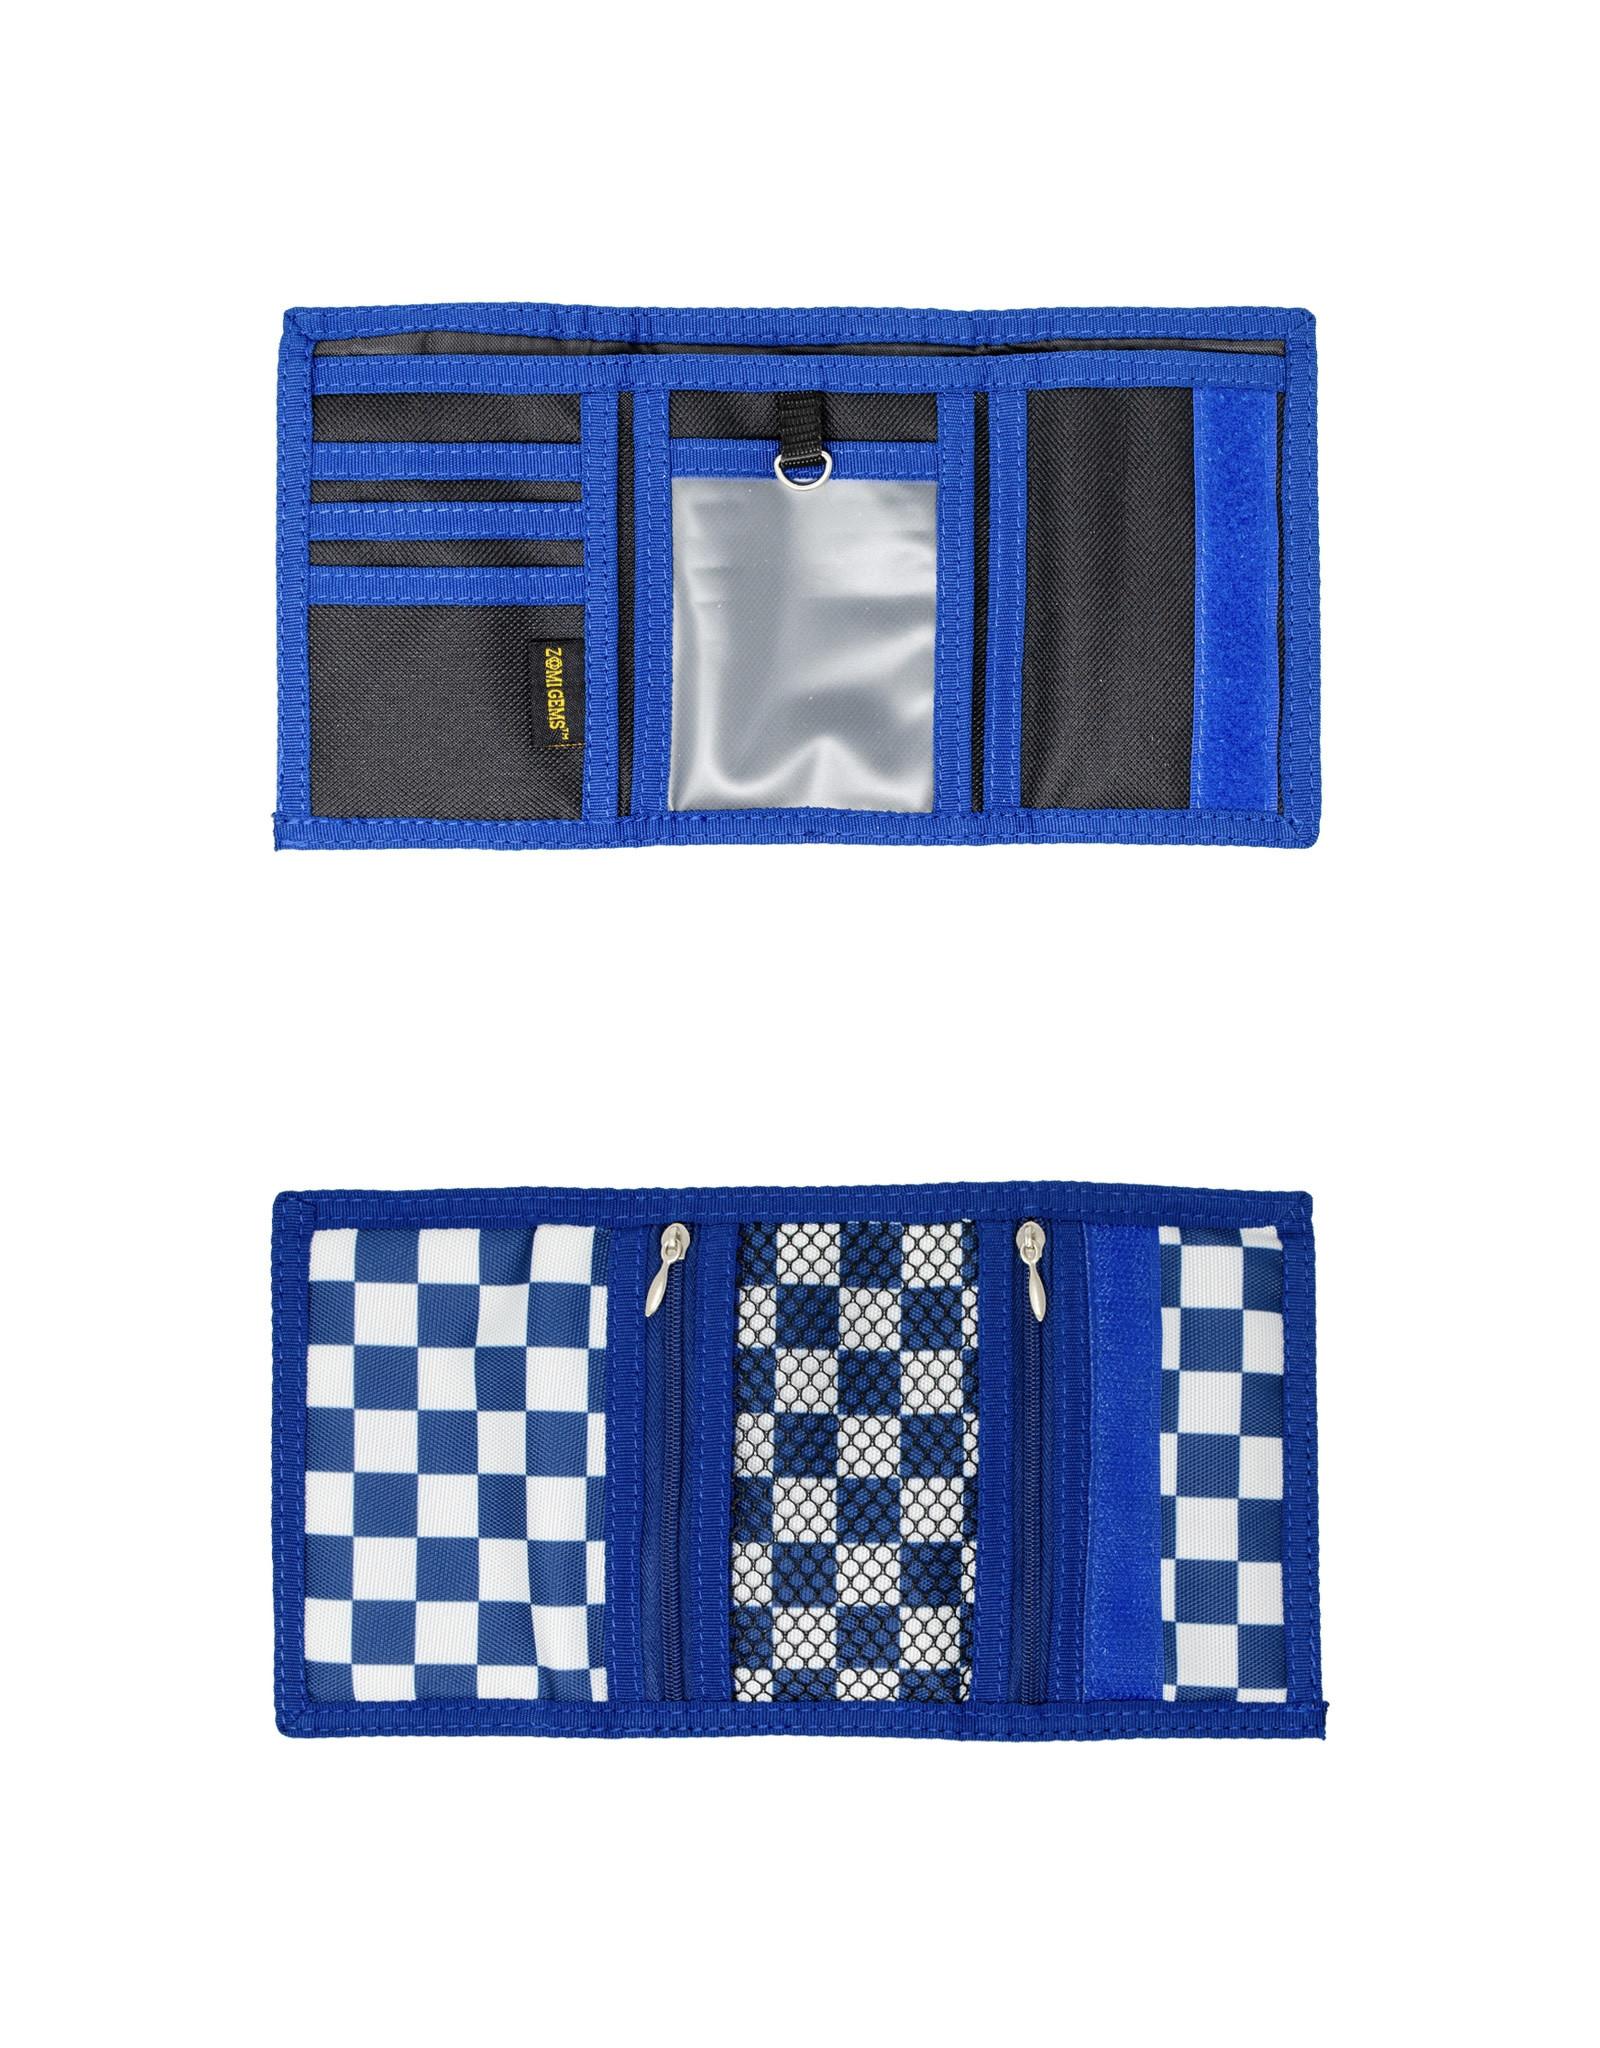 Tiny Treats & Zomi Gems Boys Checkered Blue Wallet